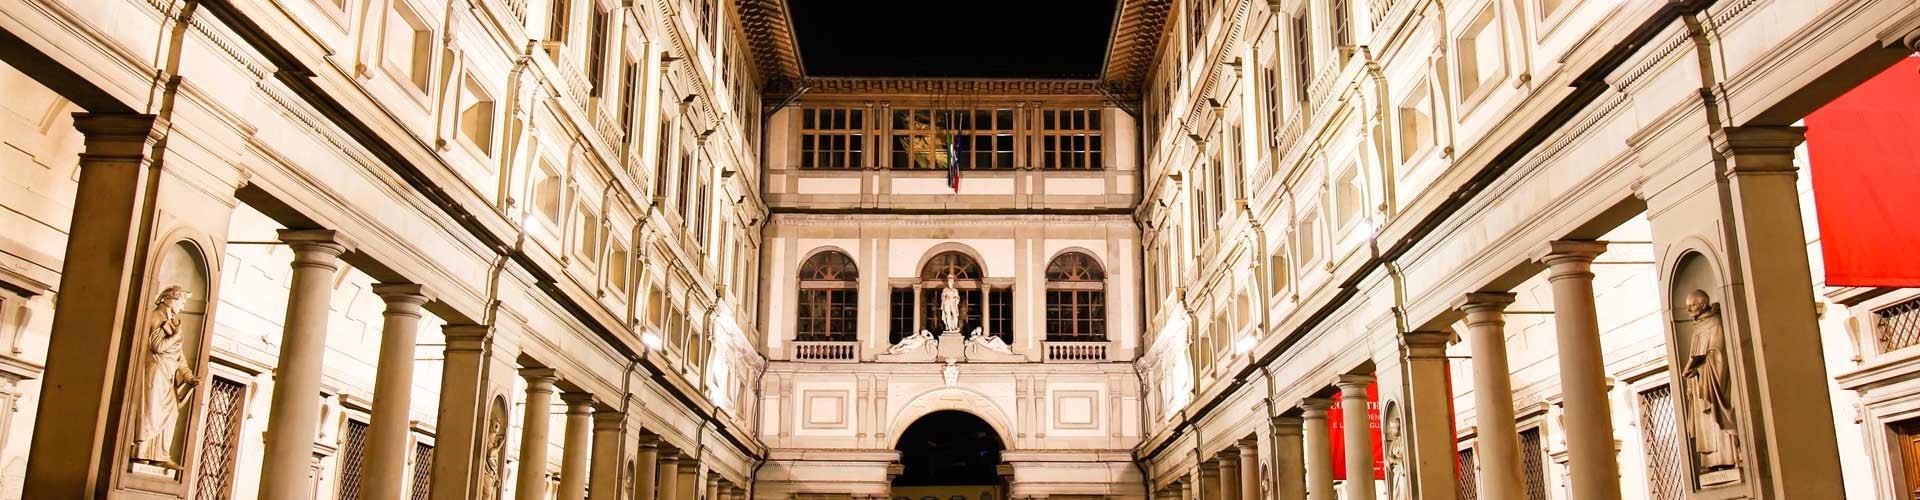 Galeria Uffizi Florencia